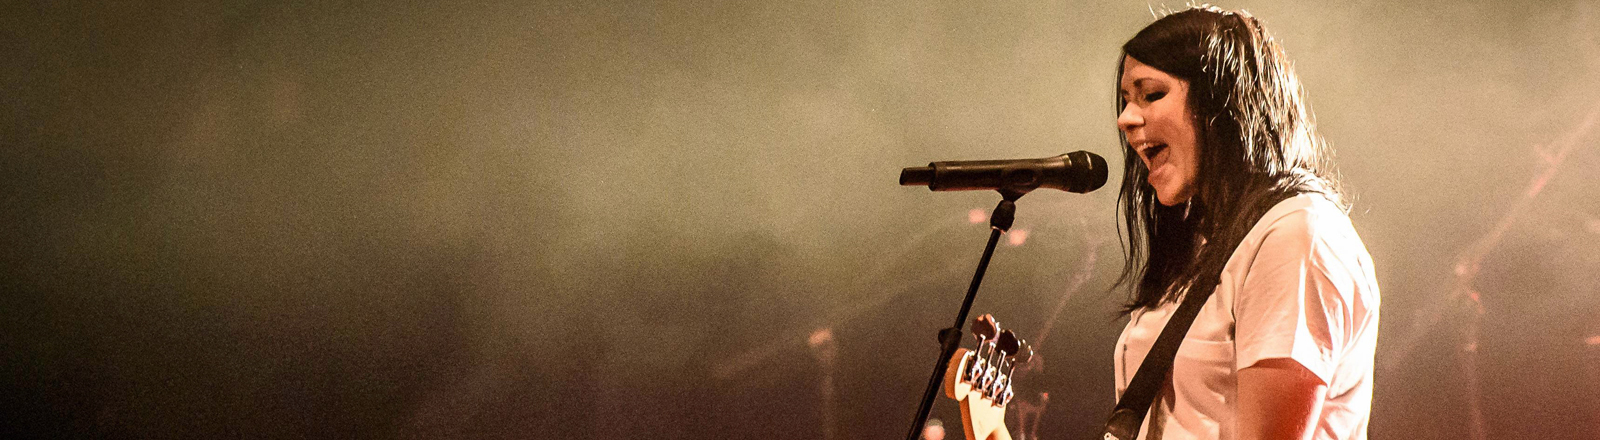 K.Flay, Kristine Meredith Flaherty steht am 11.03.2017 in Toronto auf der Bühne.